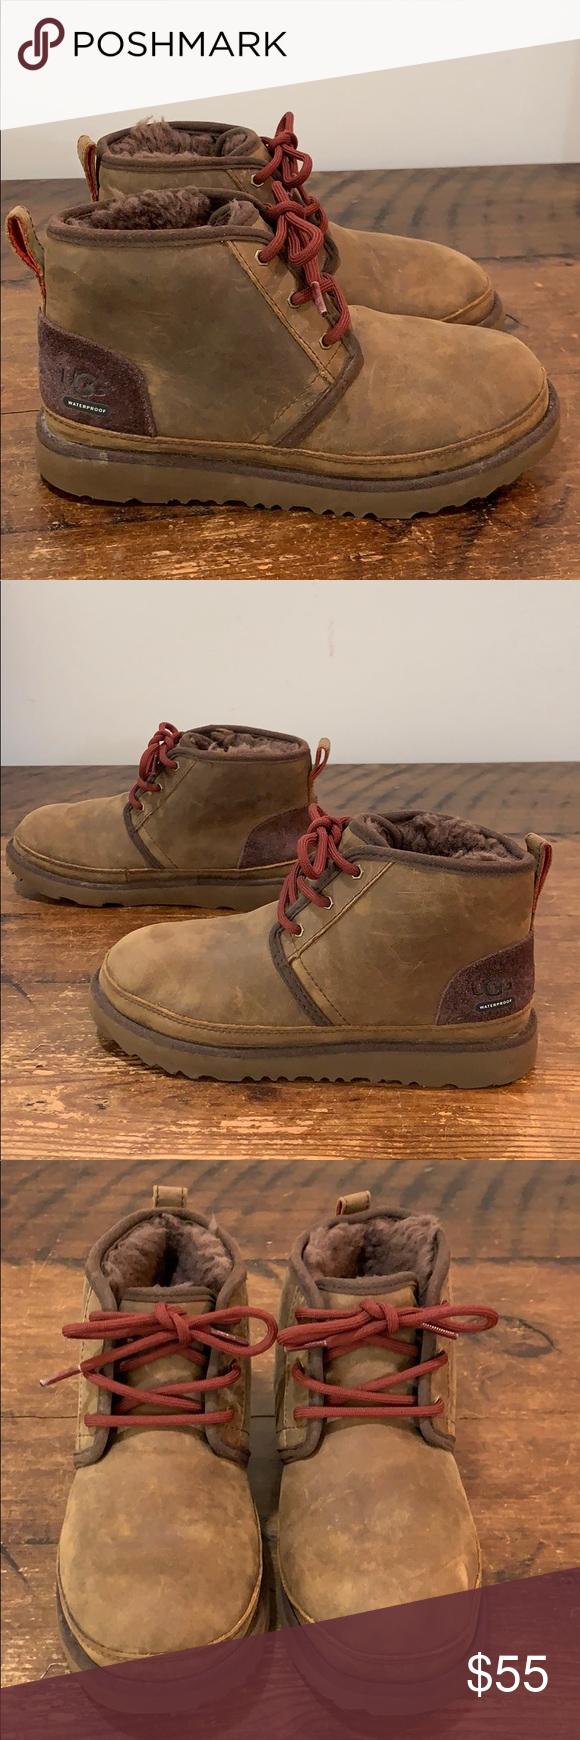 UGG Neumel II Waterproof Chukka Boots